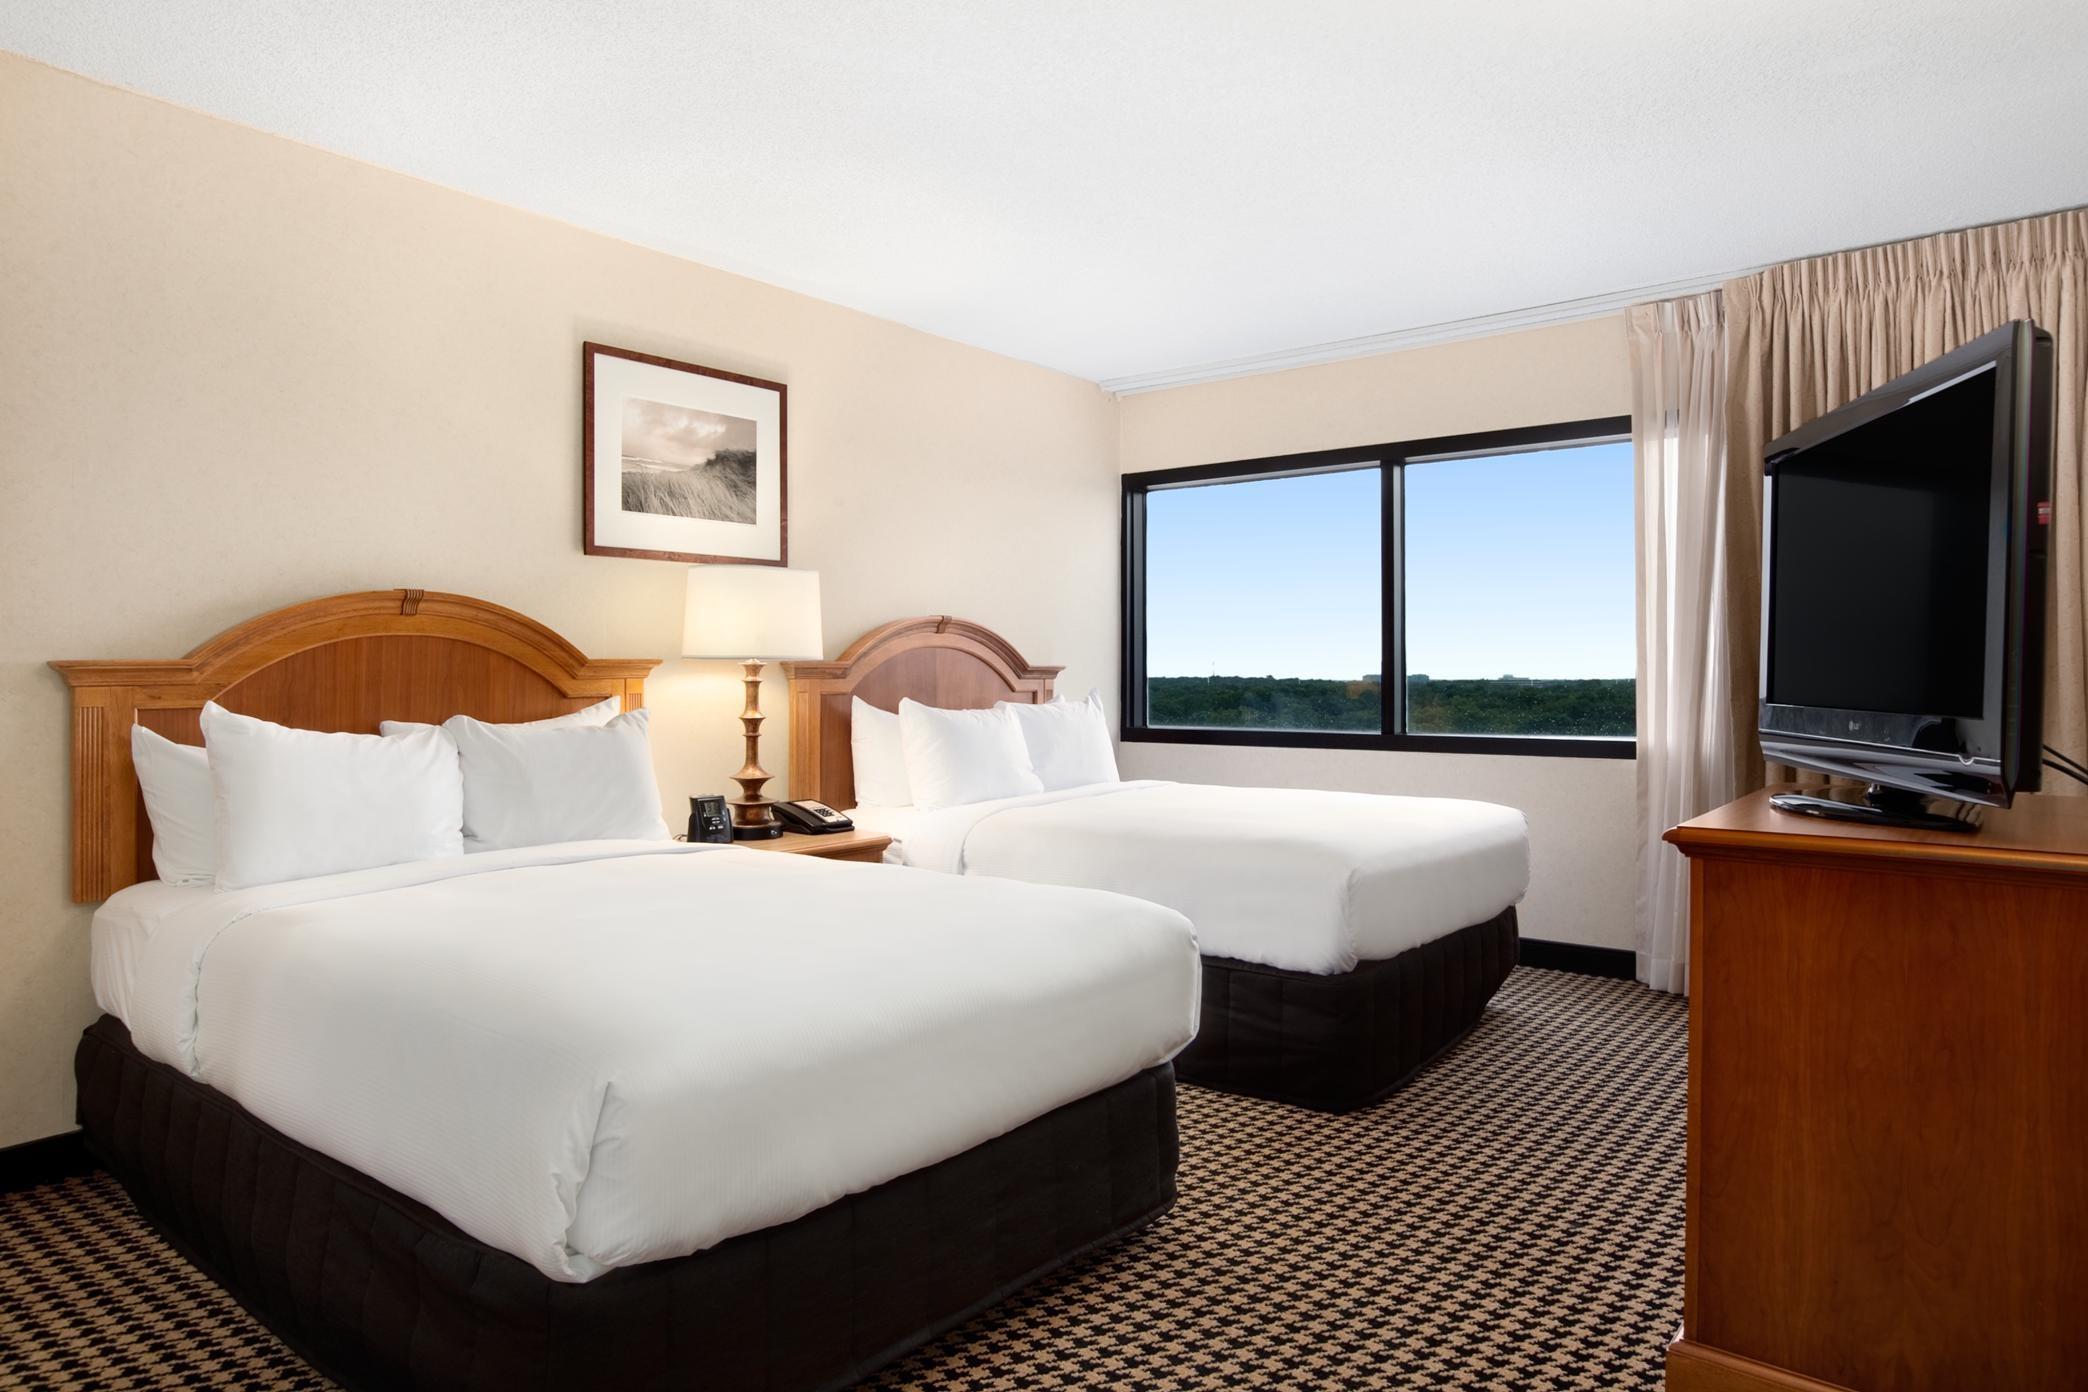 Hilton Chicago/Oak Brook Suites image 16